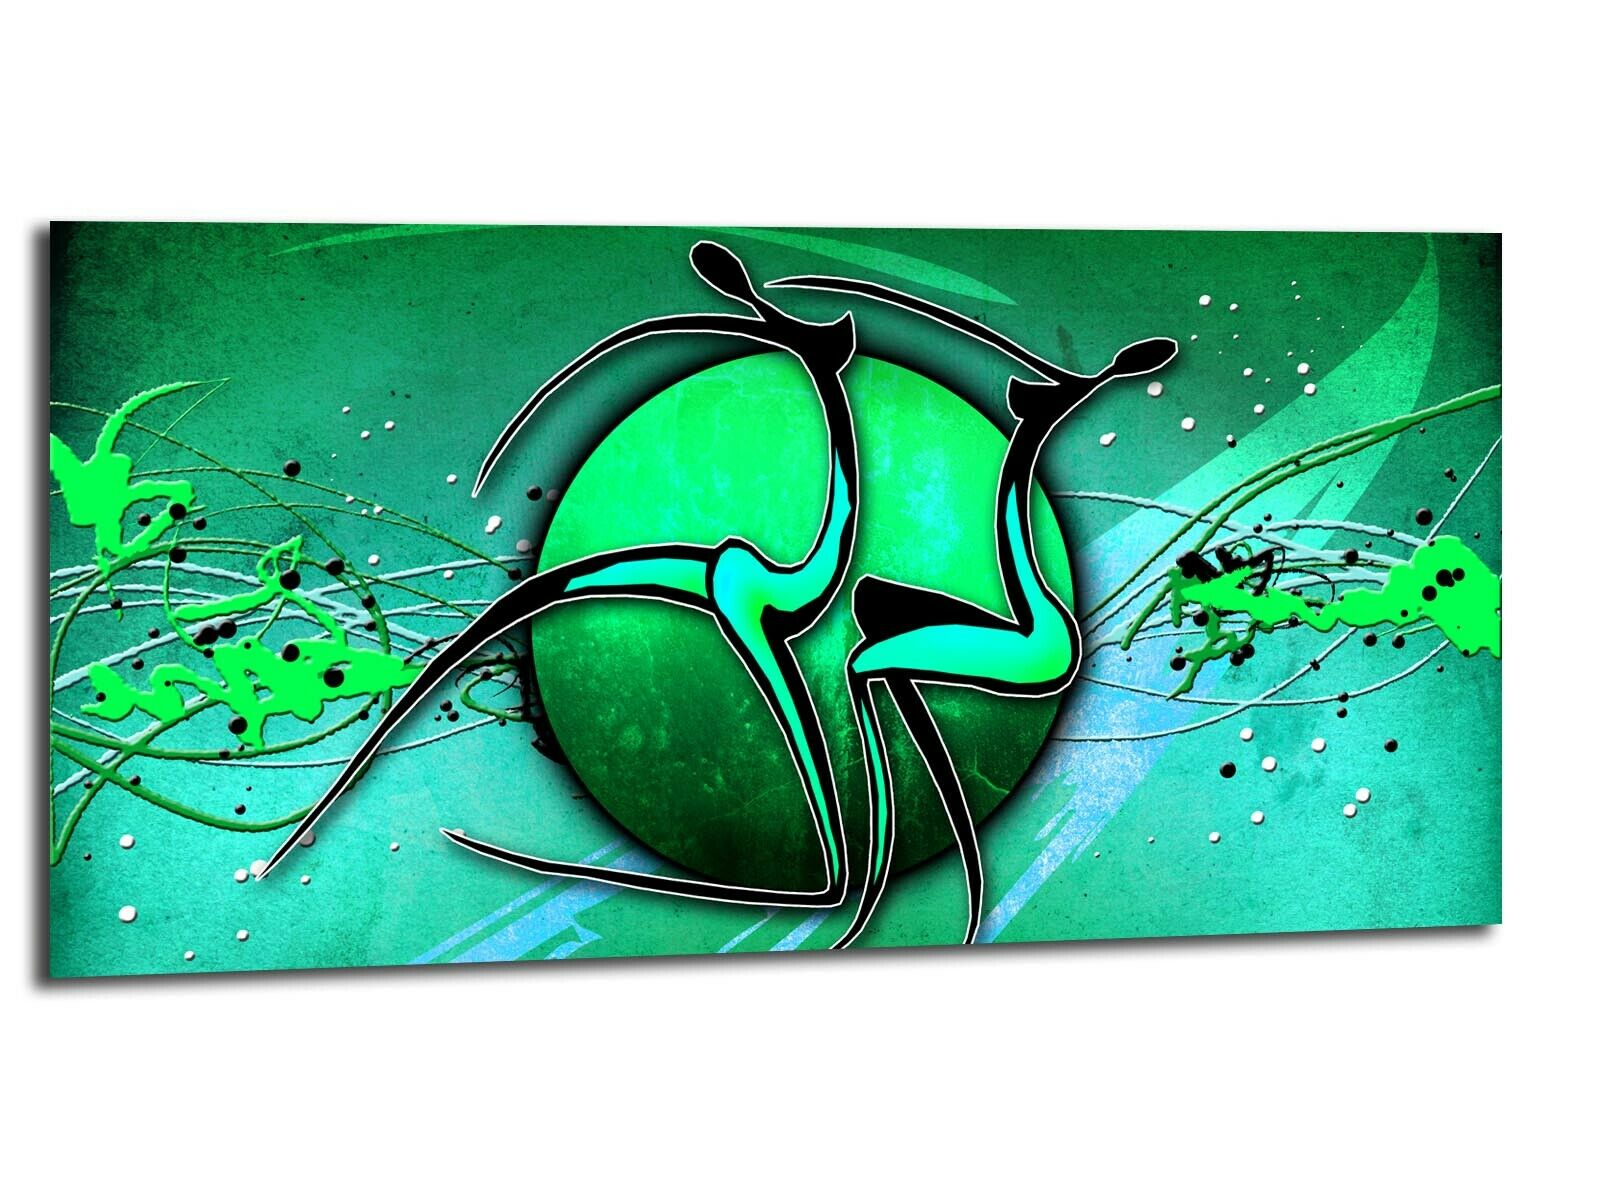 Alu-Dibond Bild ALU100501266 WELT UND MENSCH MIT 100 x 50 cm Wandbild ABSTRAKT